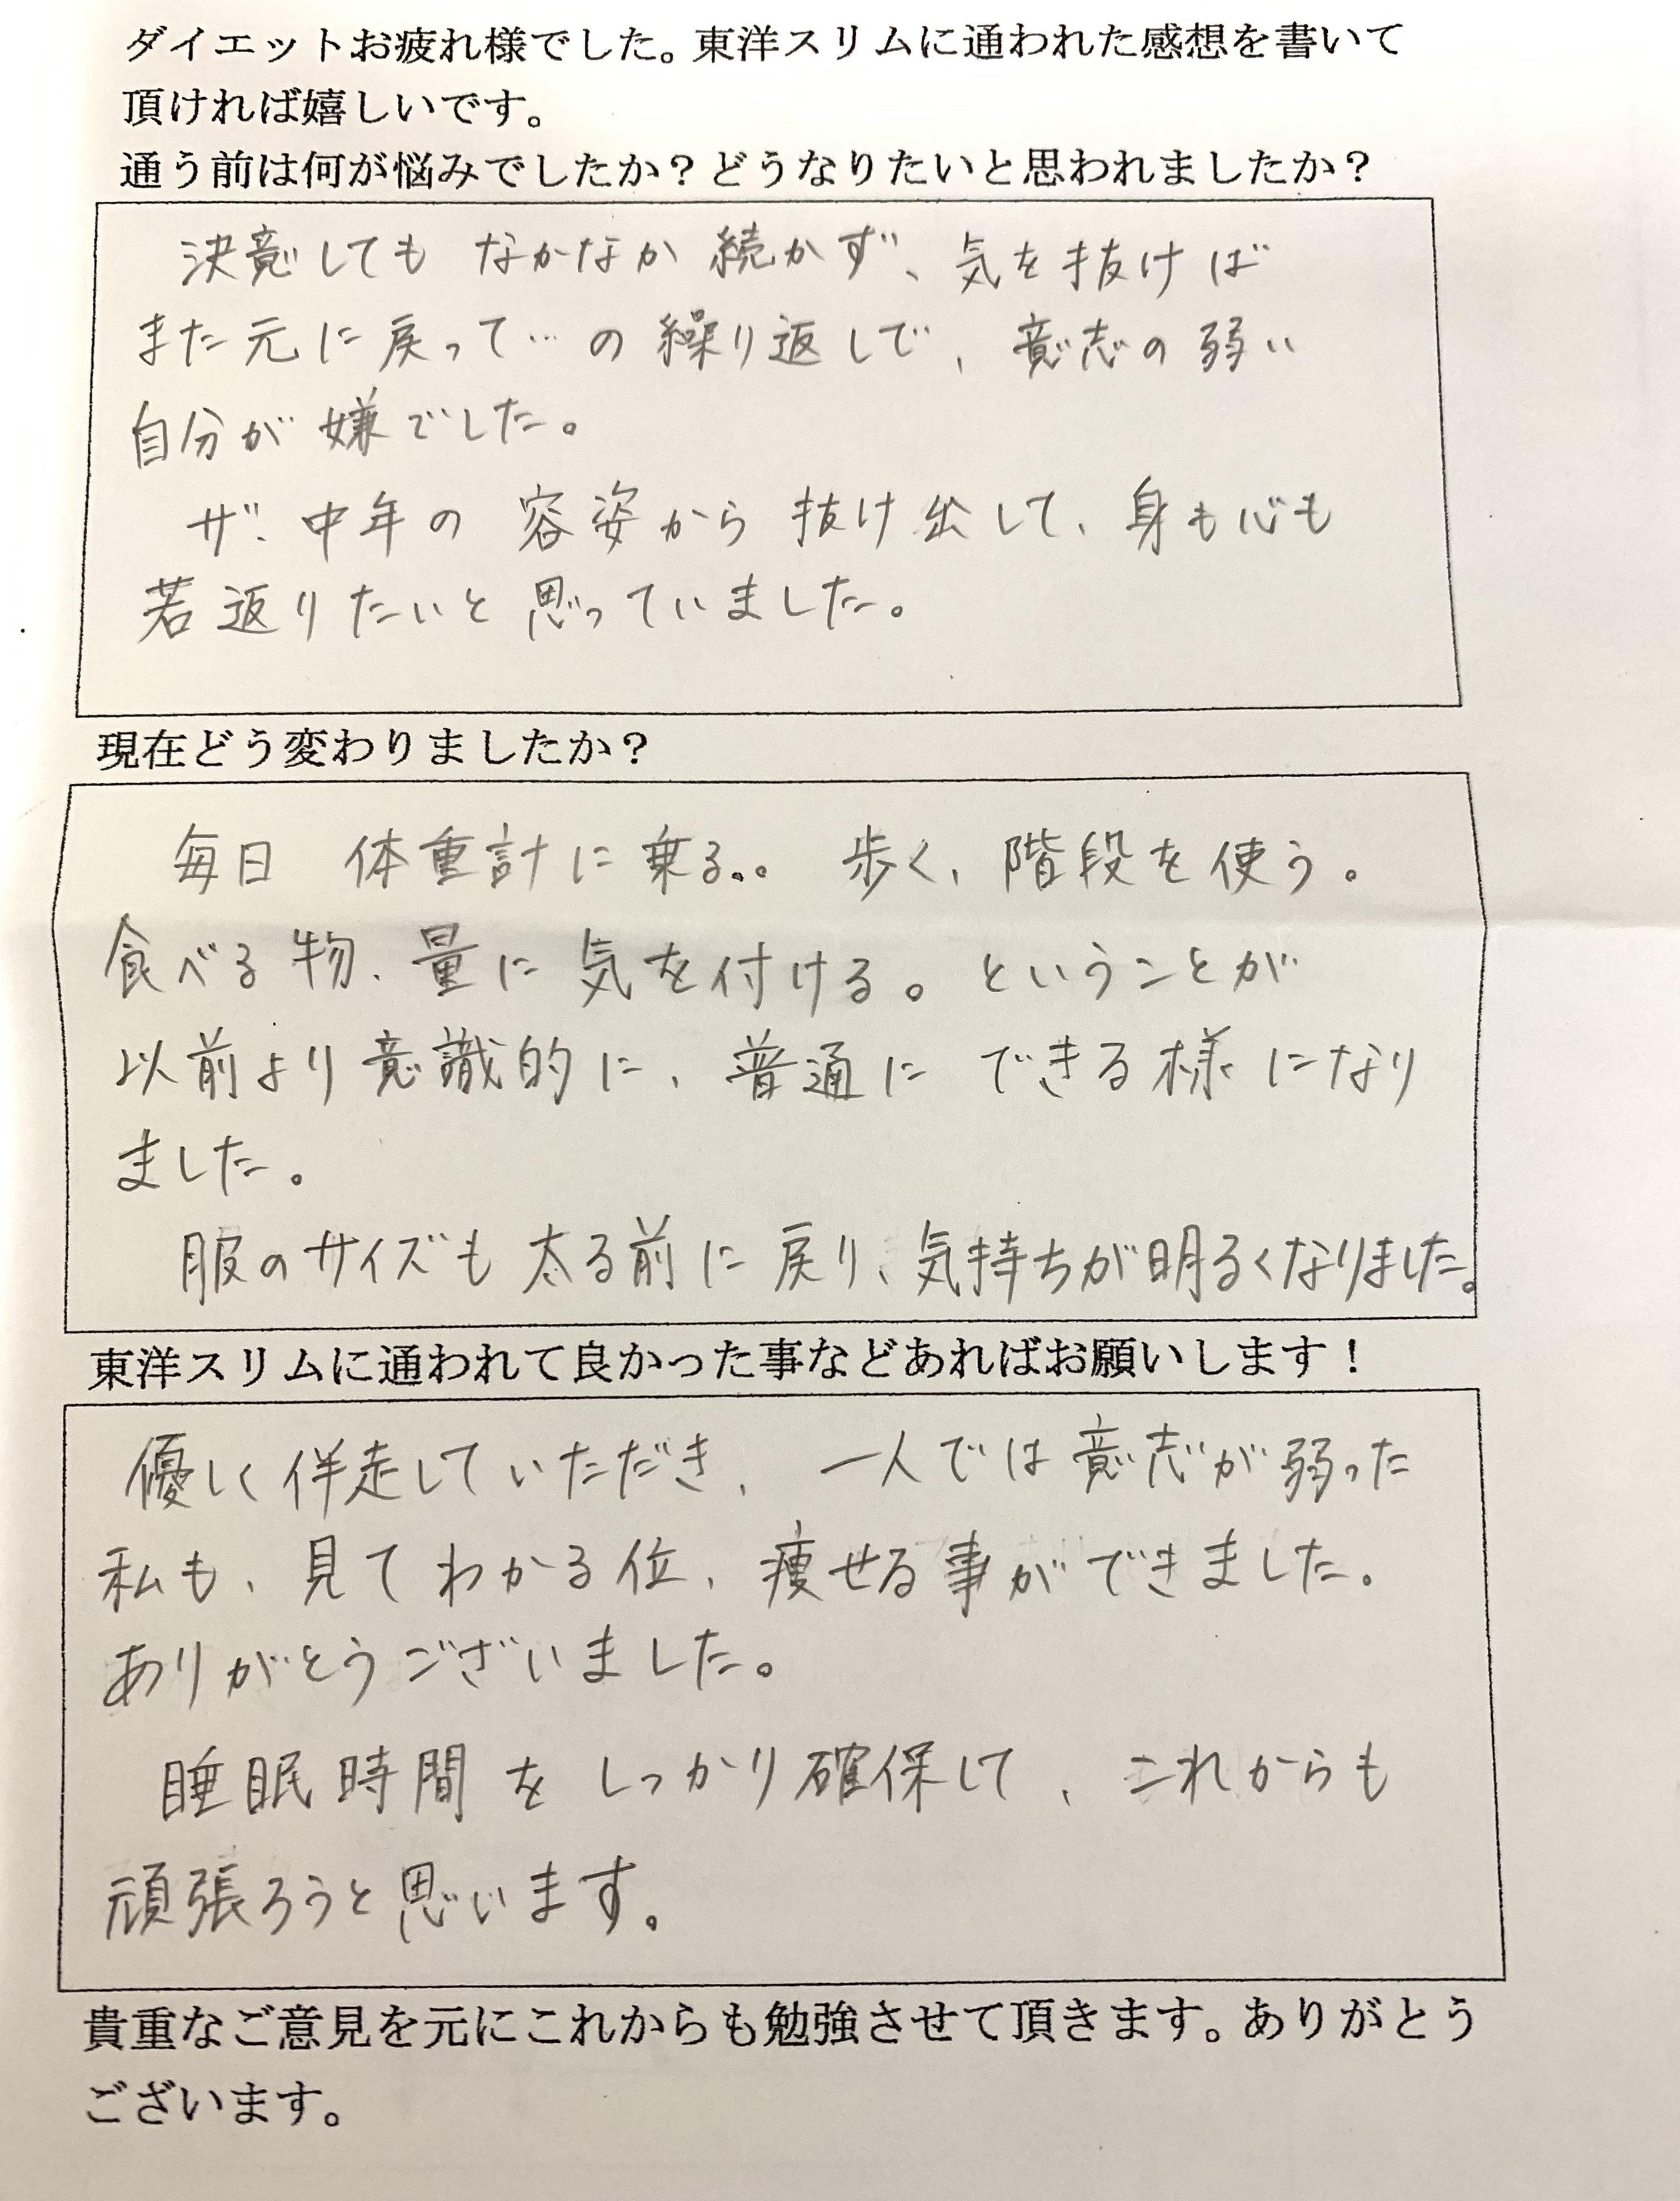 [皆様の声]大阪市西淀川区Nさん(40代)耳つぼダイエット4kg成功。体脂肪率18%代に。(結果には個人差があります)